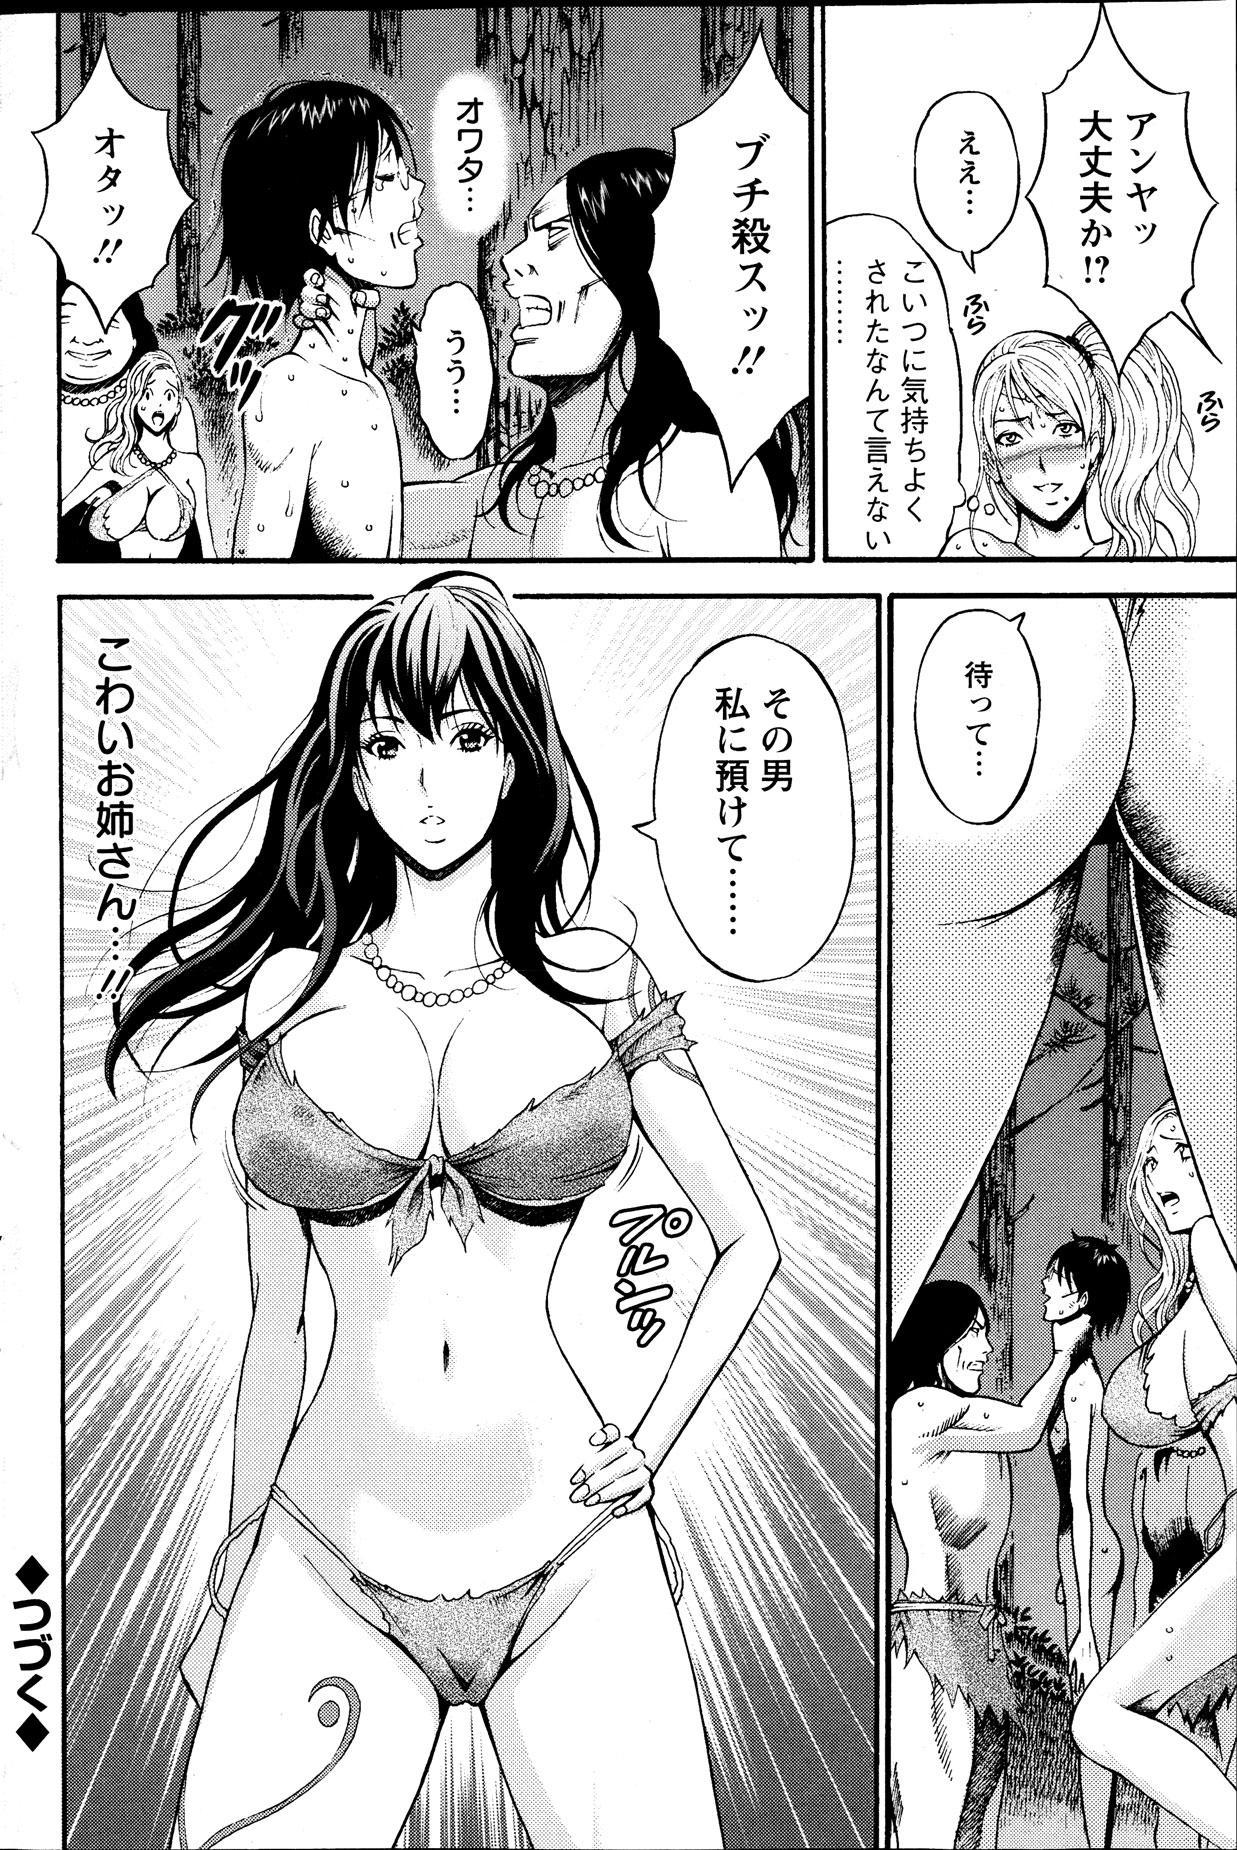 Kigenzen 10000 Nen no Ota Ch. 1-14 36